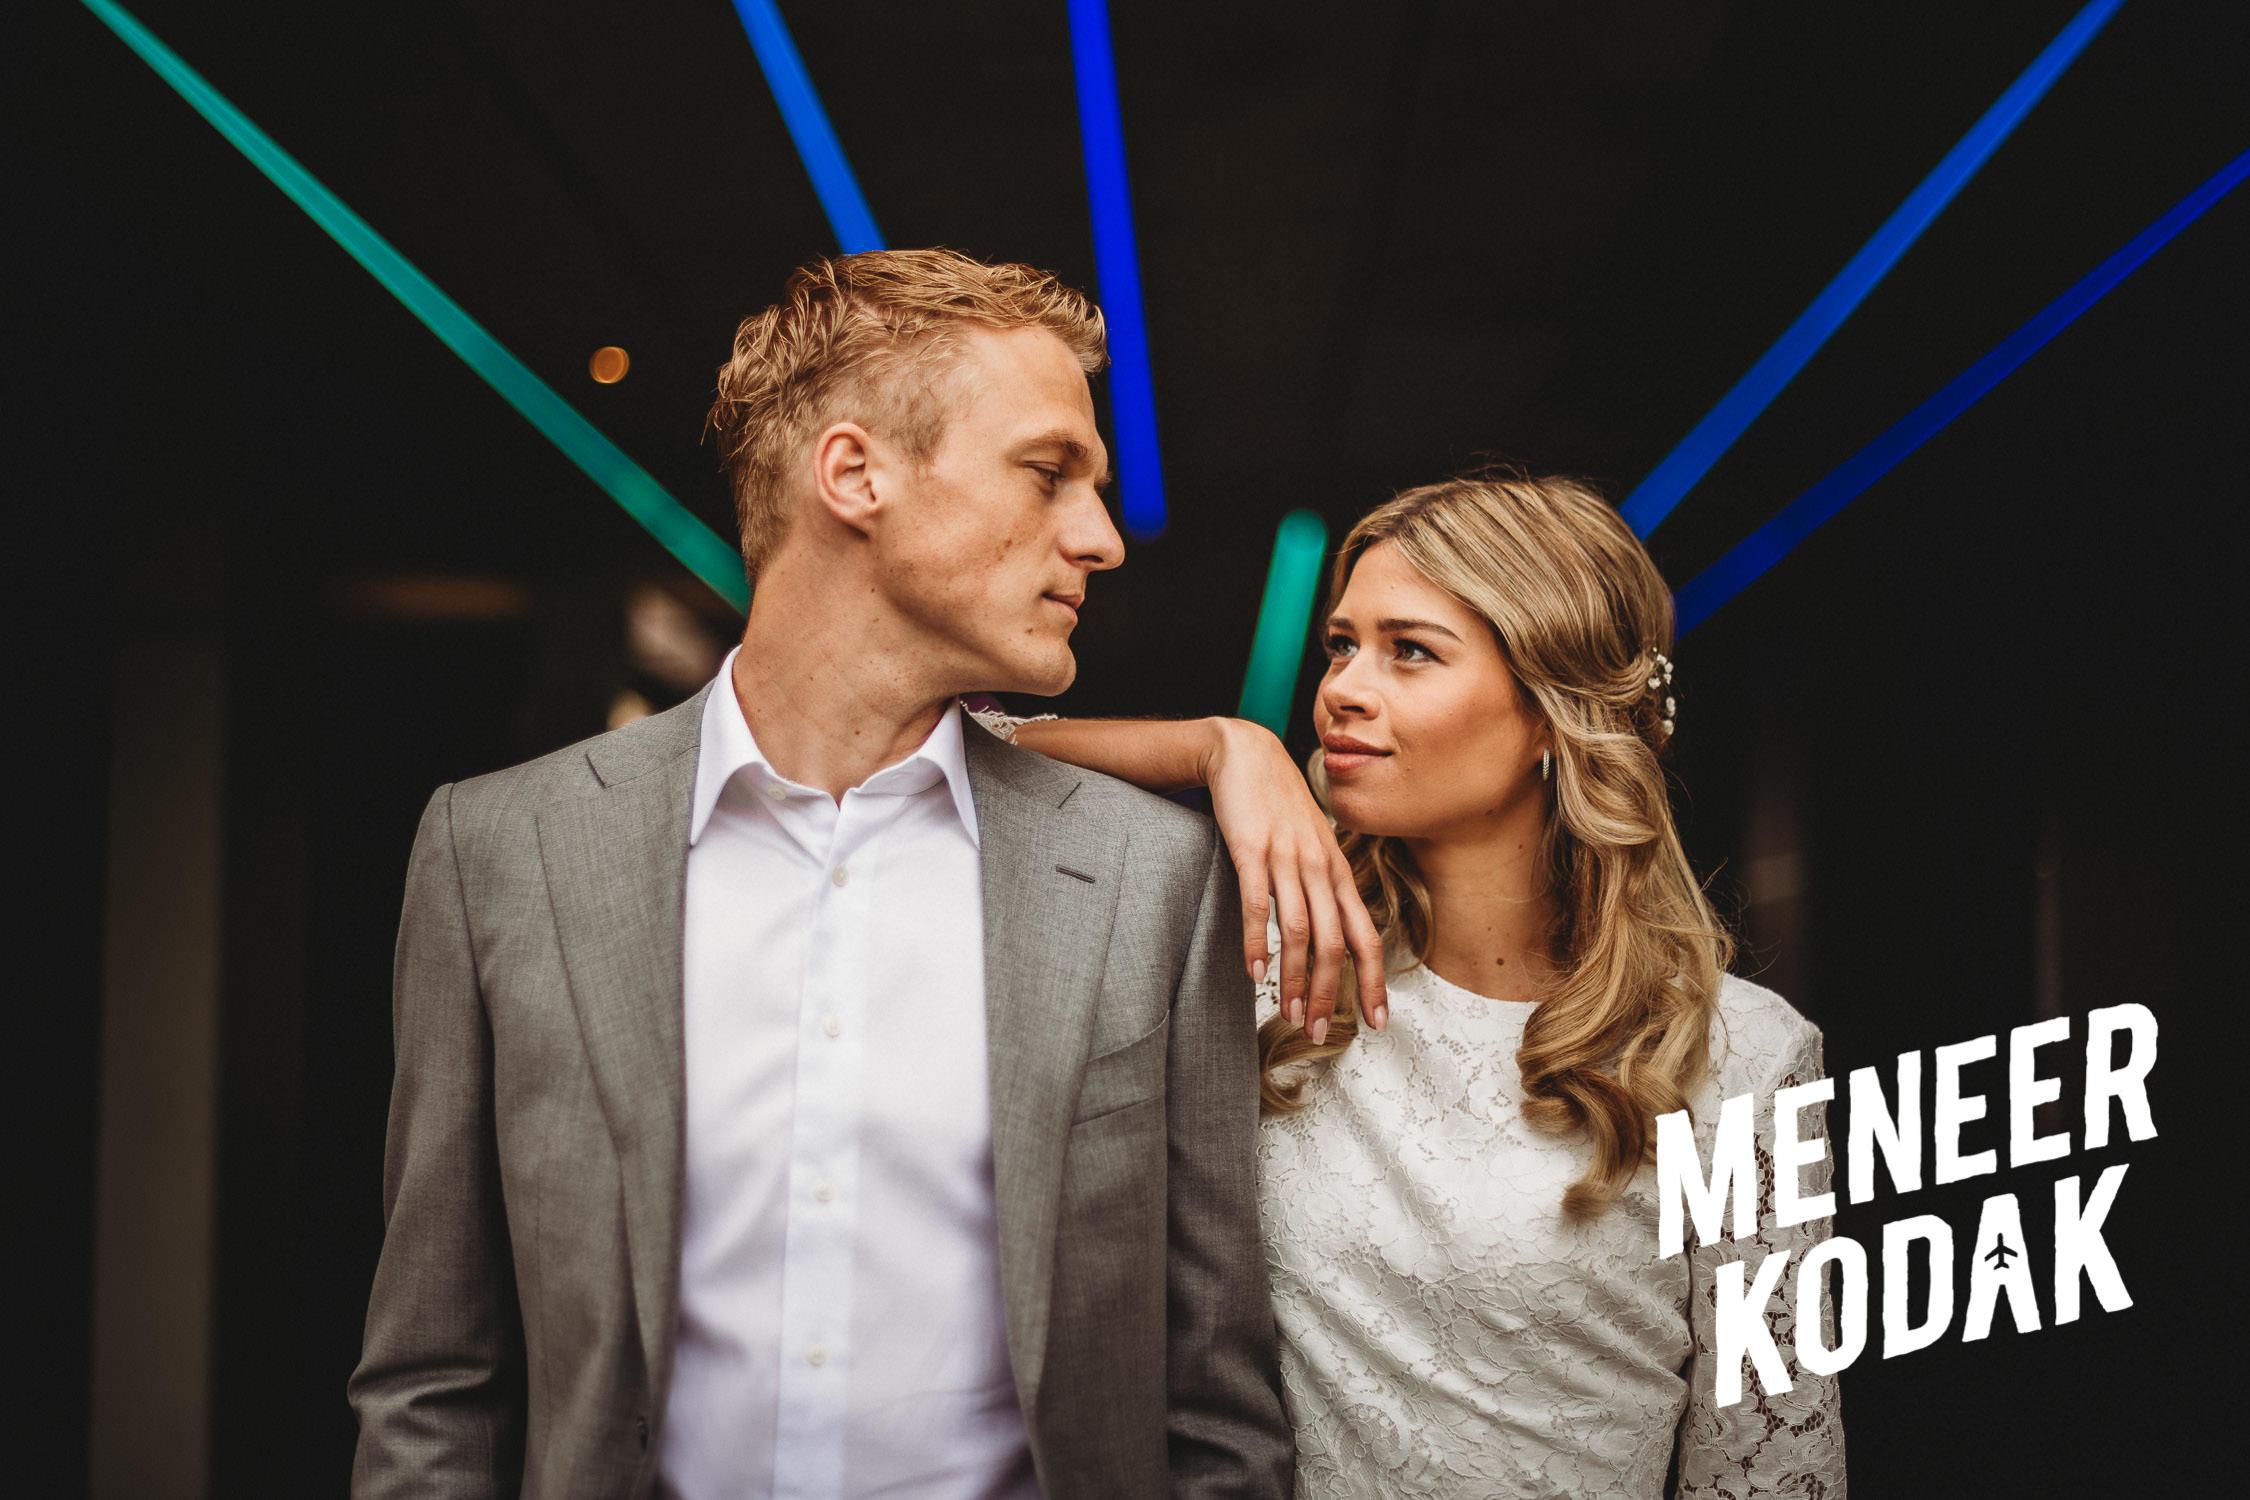 Meneer Kodak - Bruidsfotograaf - Roosendaal - A&D-071.jpg